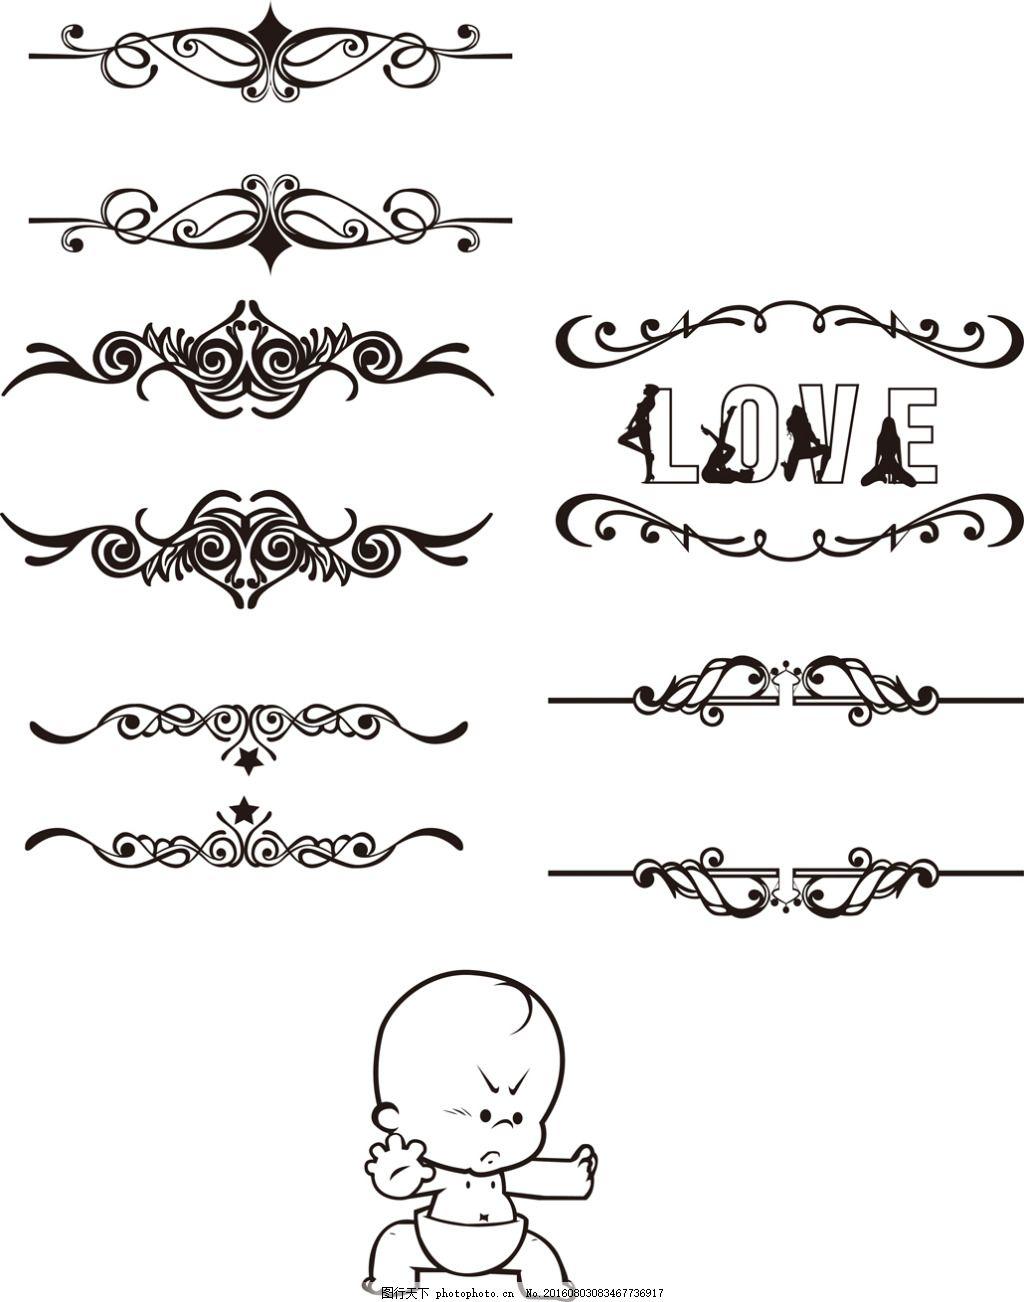 配饰 欧式花边 呆萌小孩 矢量图 欧式风格 平面设计 通用海报